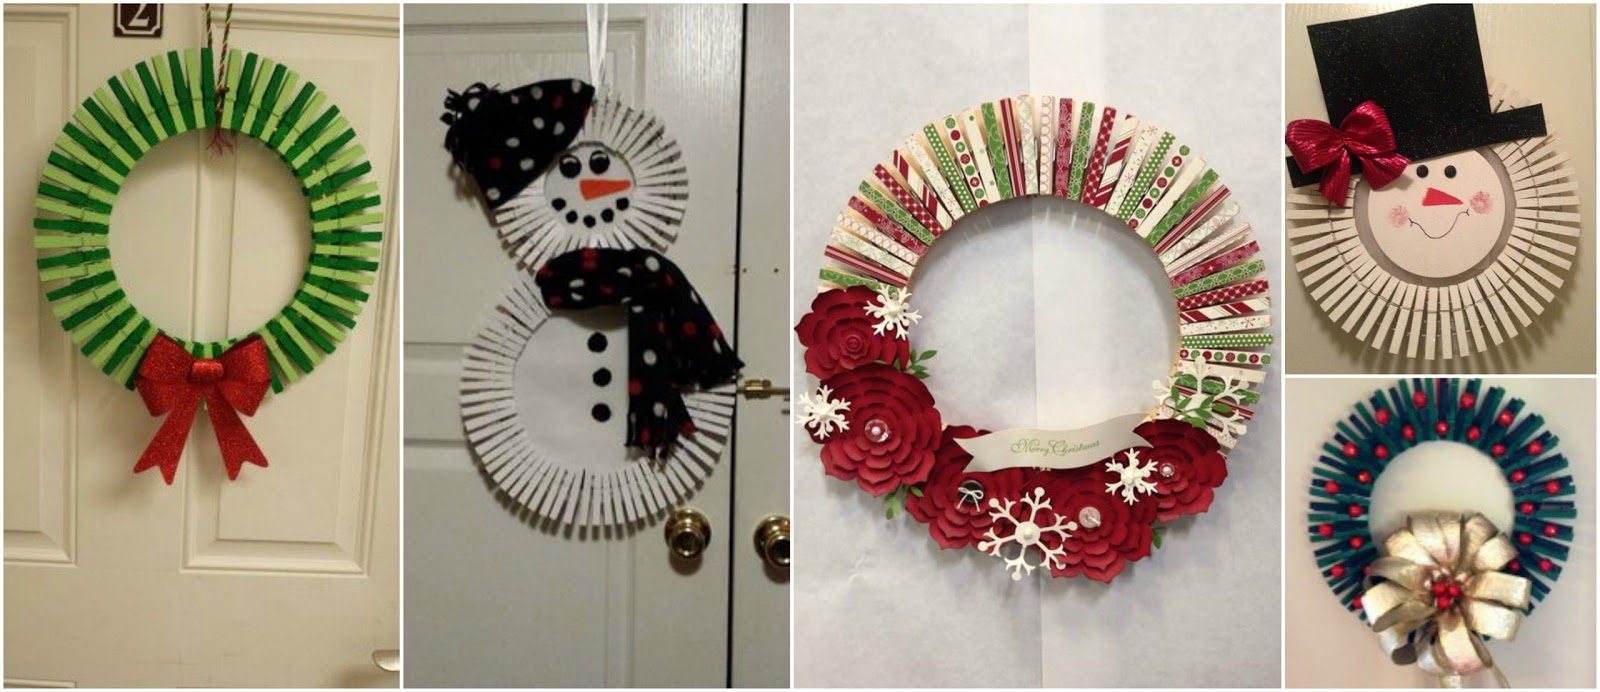 Aprende c mo hacer 8 adornos navide os con pinzas de ropa - Como realizar adornos navidenos ...